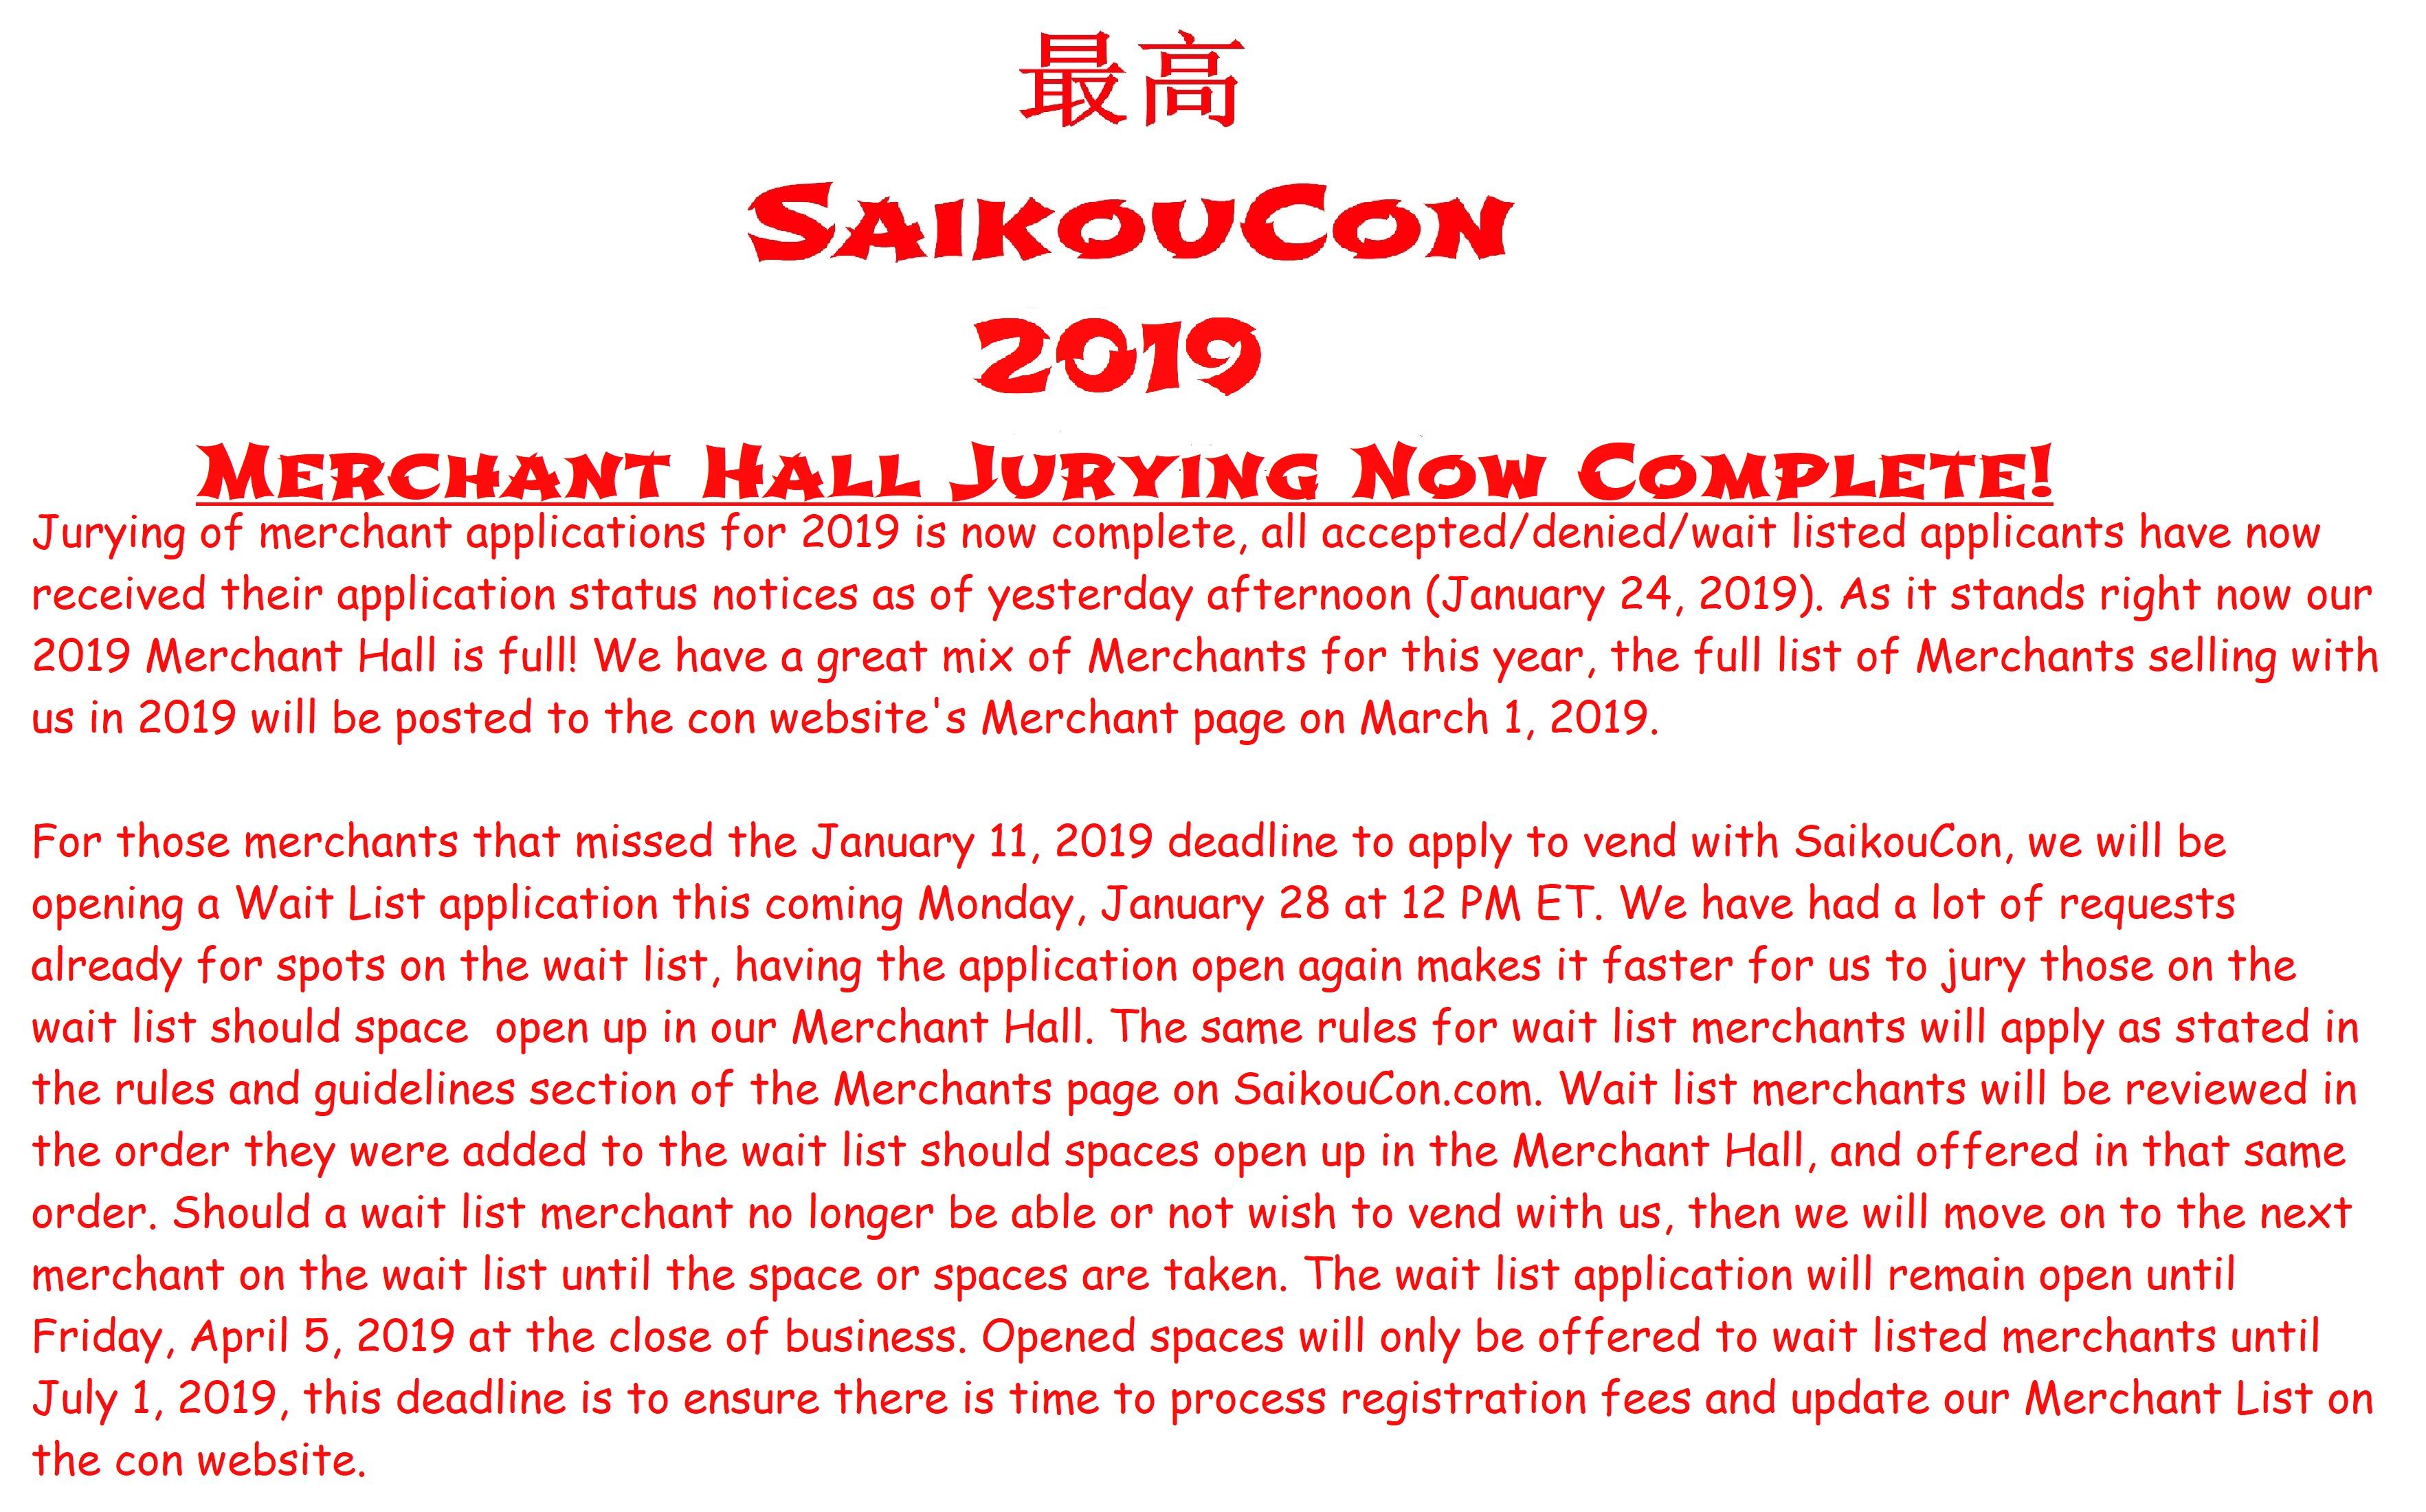 SaikouCon 2019 Merchant Wait List Application Announcement